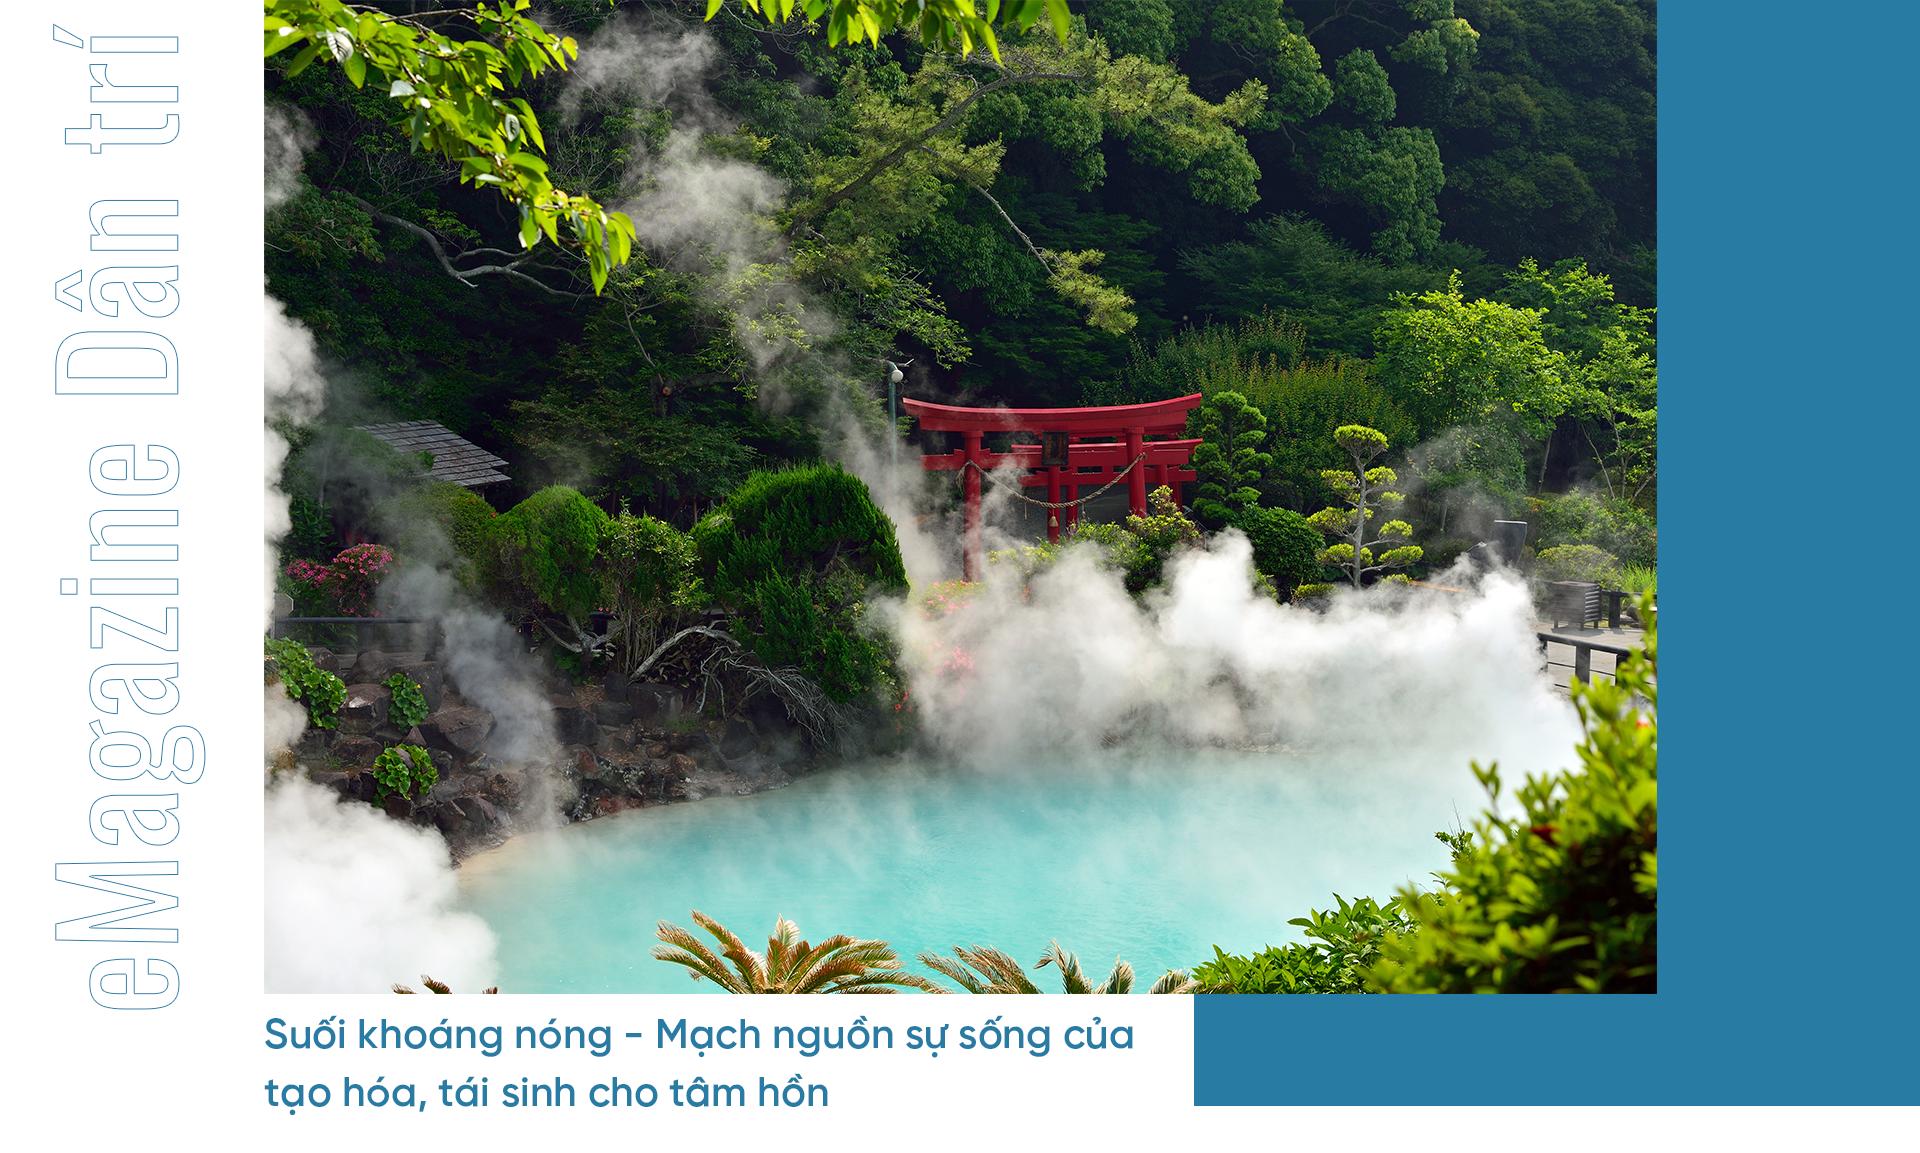 Ra mắt công viên khoáng nóng Onsen Fuji 2ha kế bên Hà Nội - 3